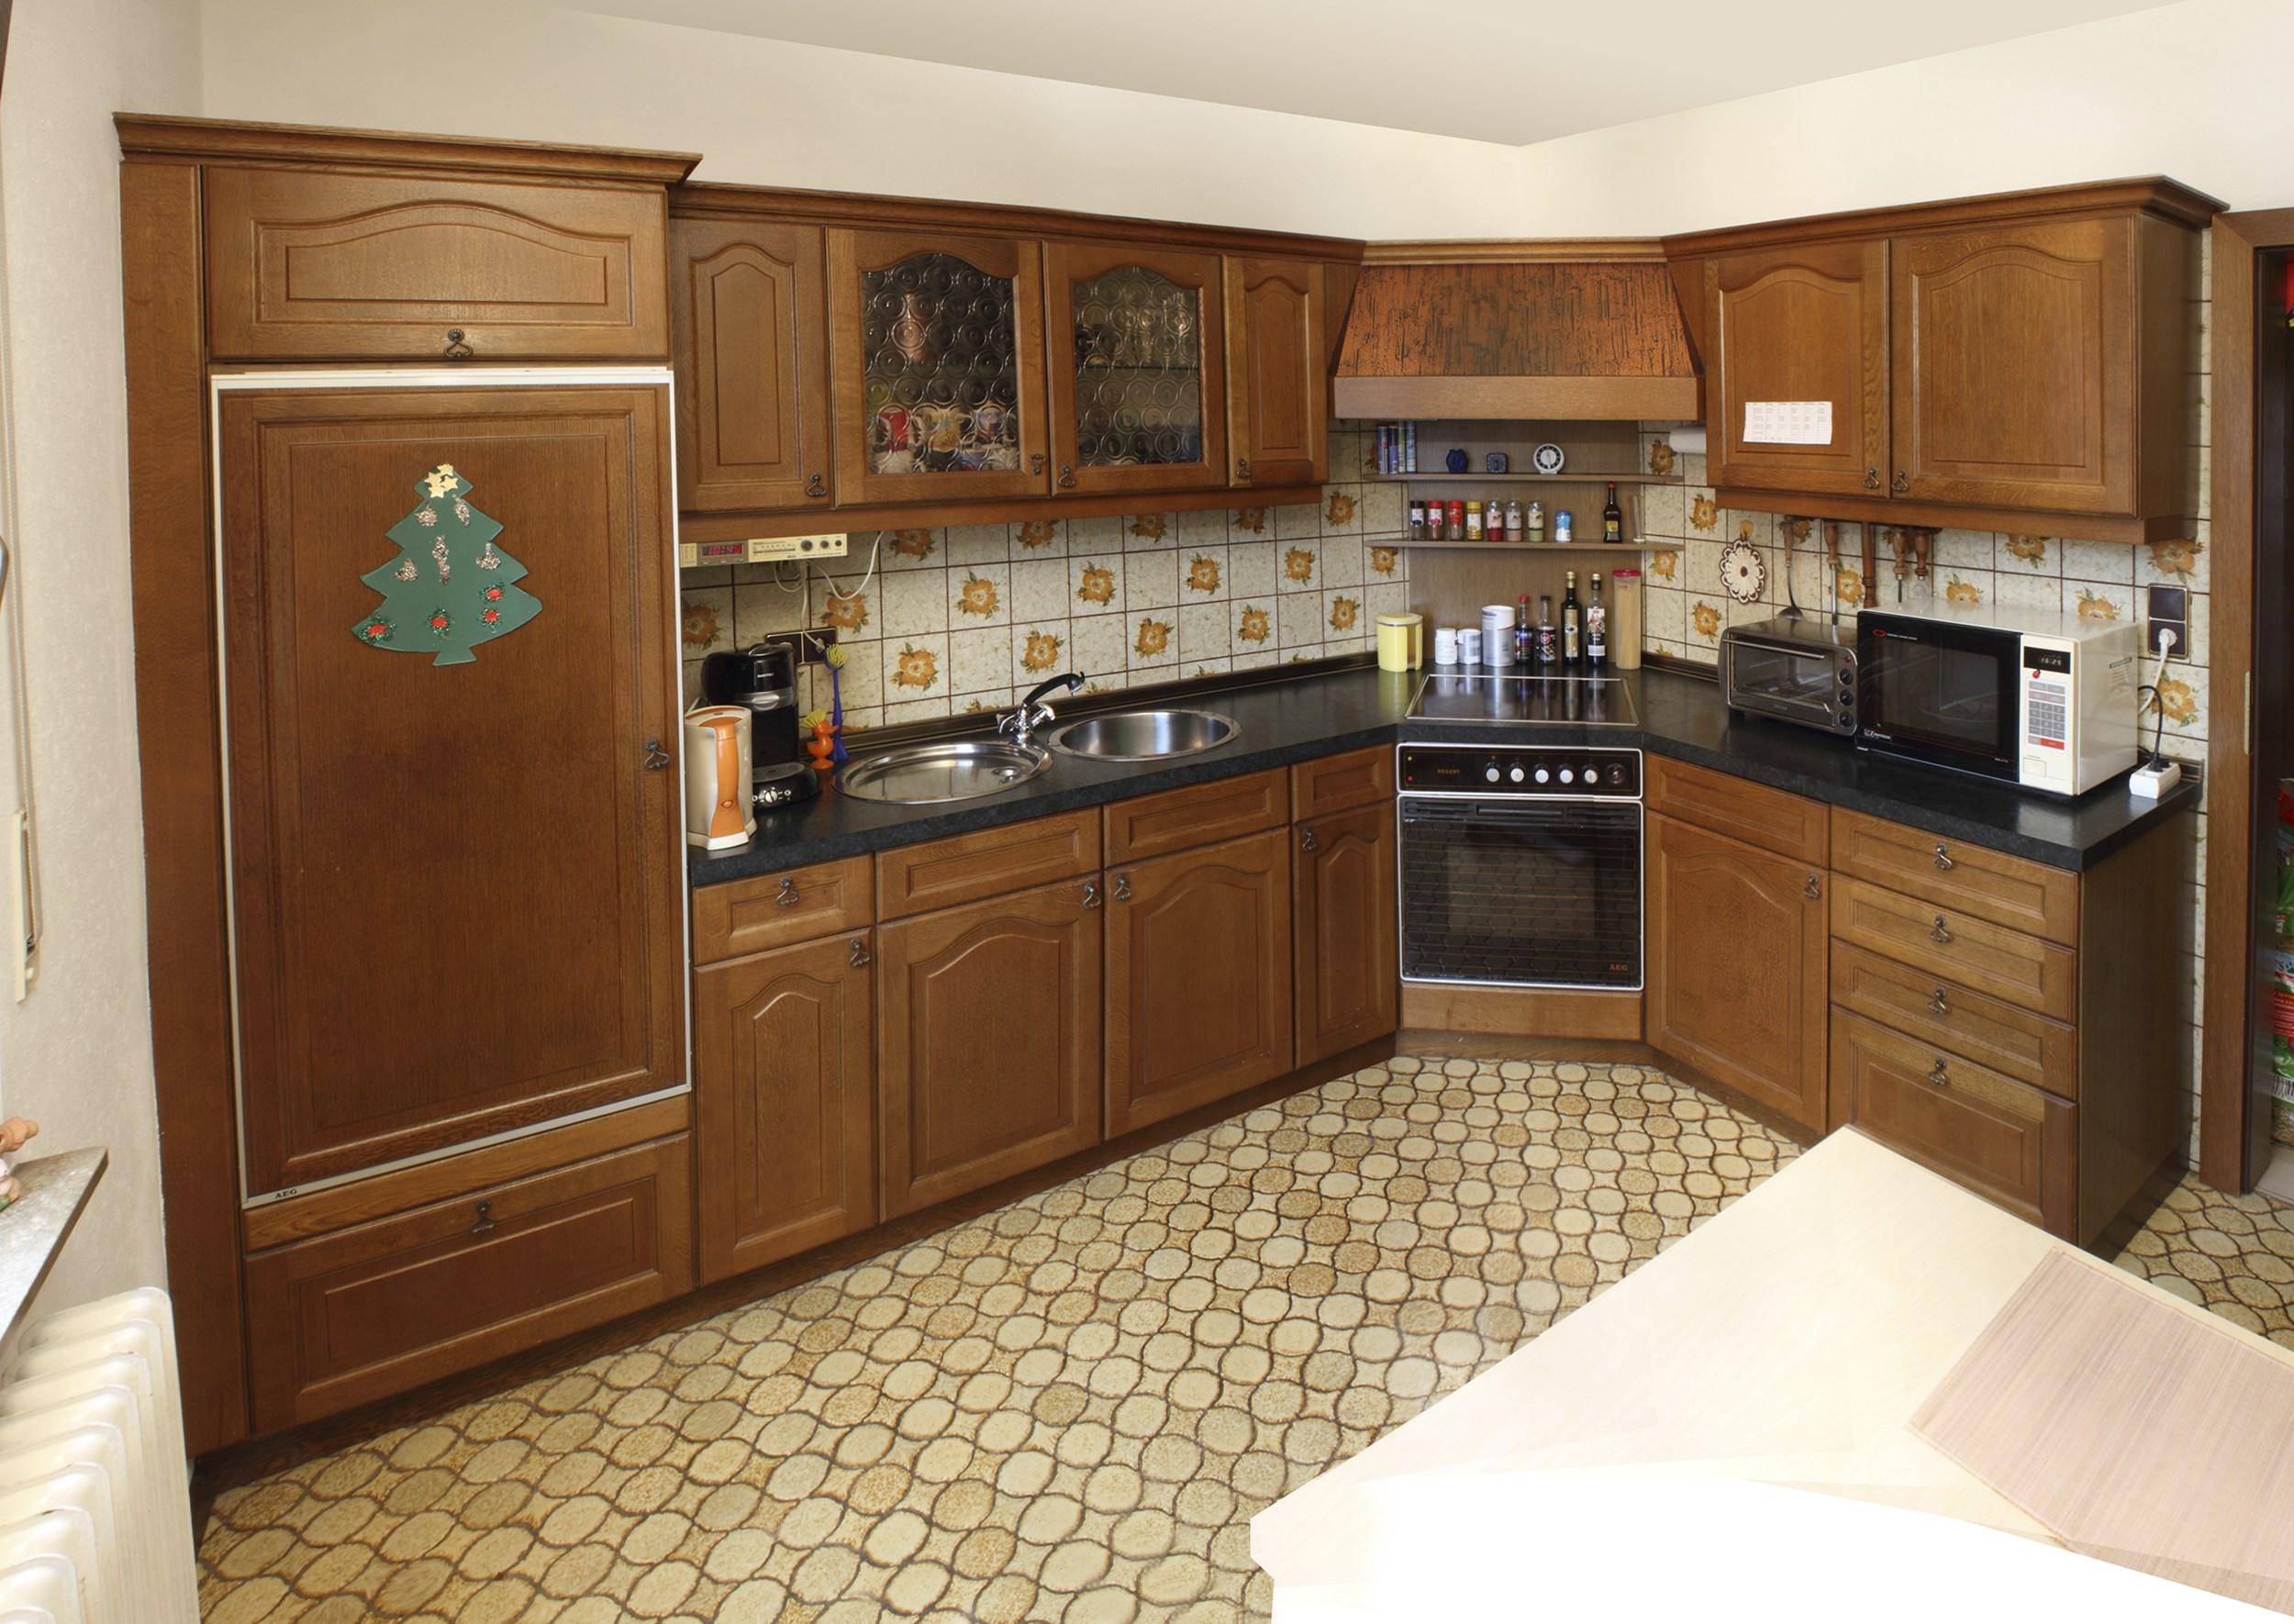 Kundenbeispiele Küchenrenovierung – PORTAS Renovierung